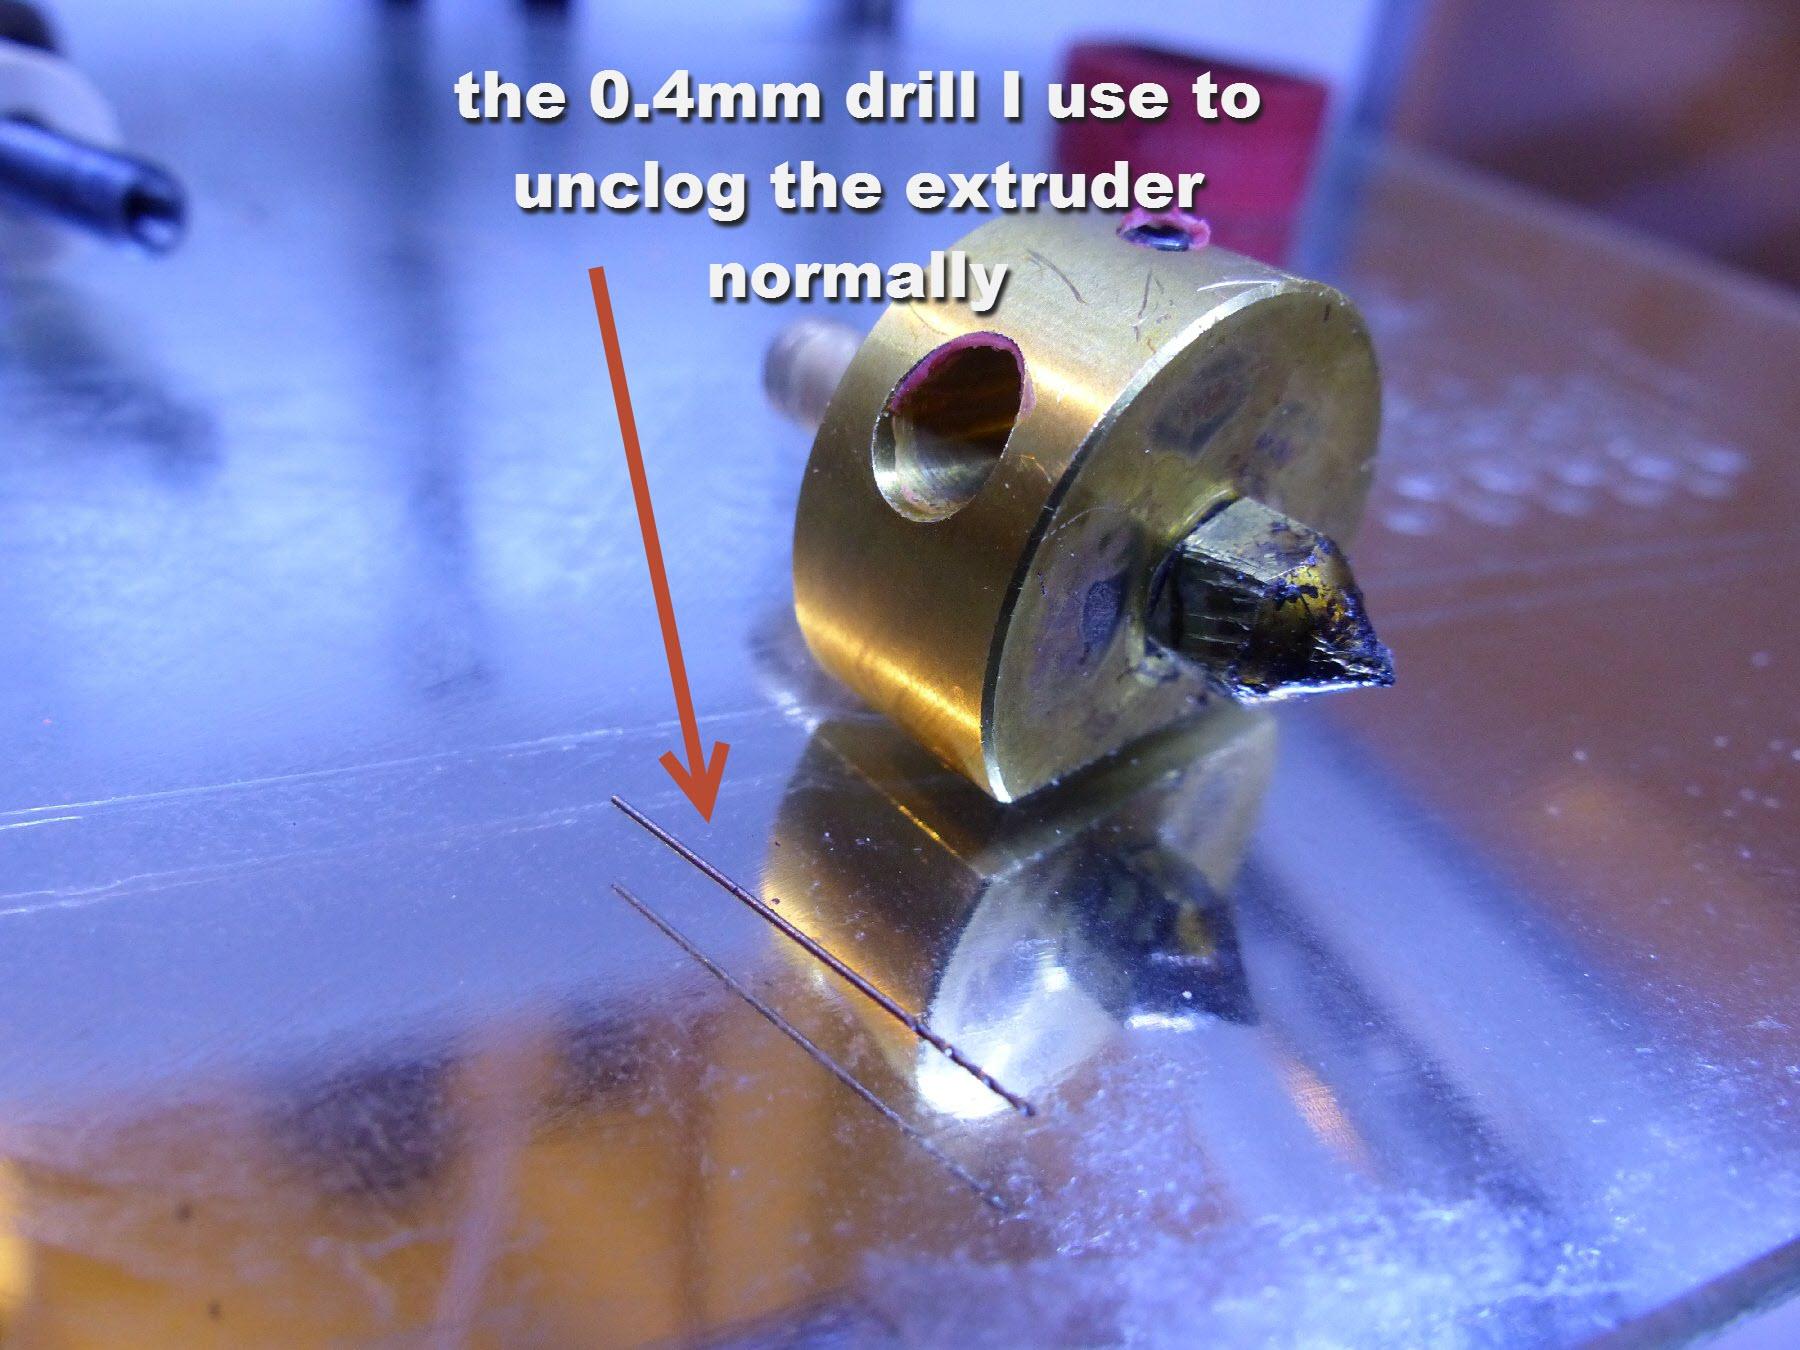 mini-11 nozzle